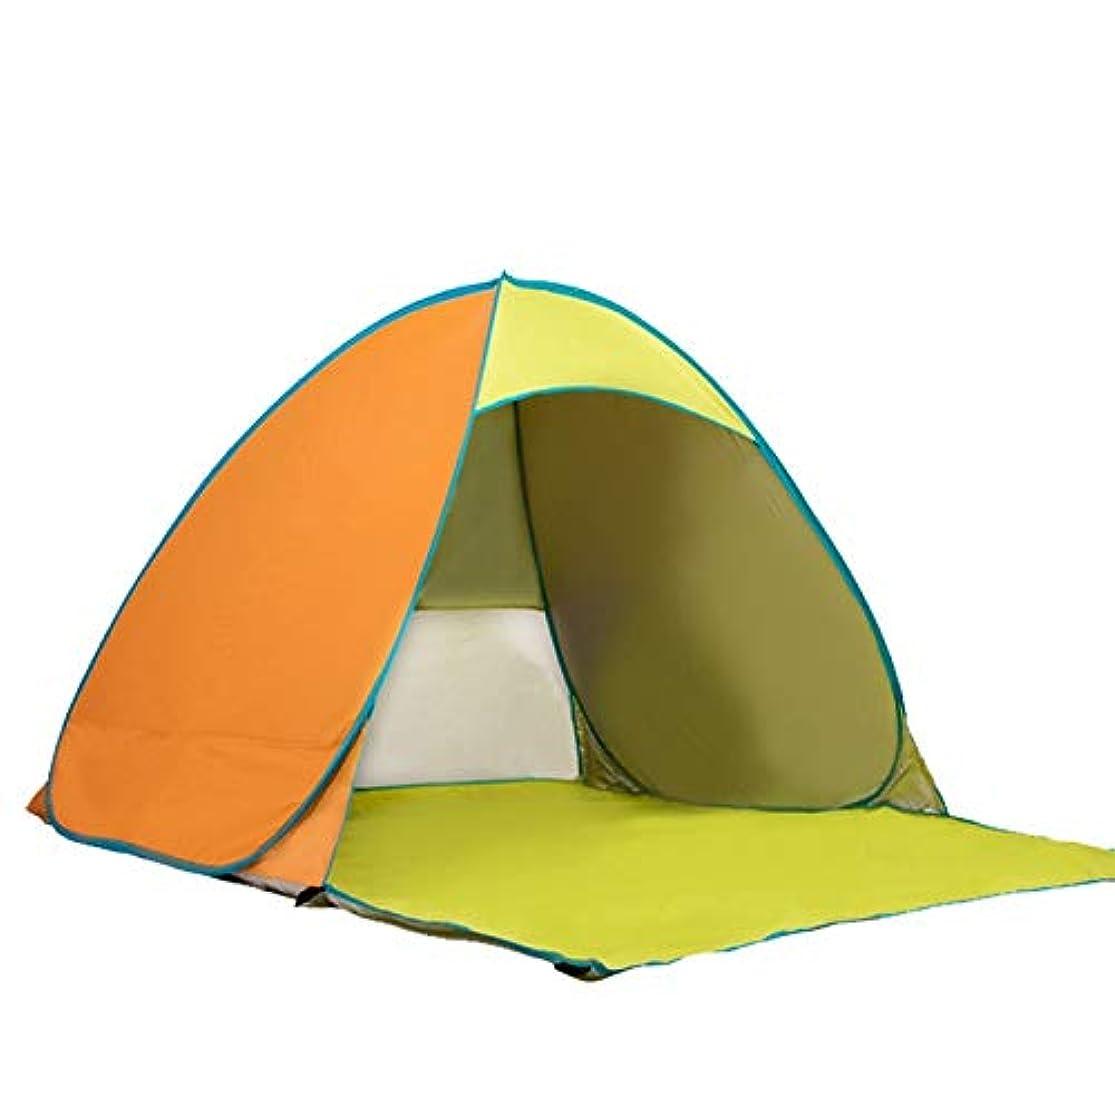 次へくカバレッジCDKET 多人数用ビーチテント家族用キャンプドームバックパッキングインスタントテント、ビーチテント